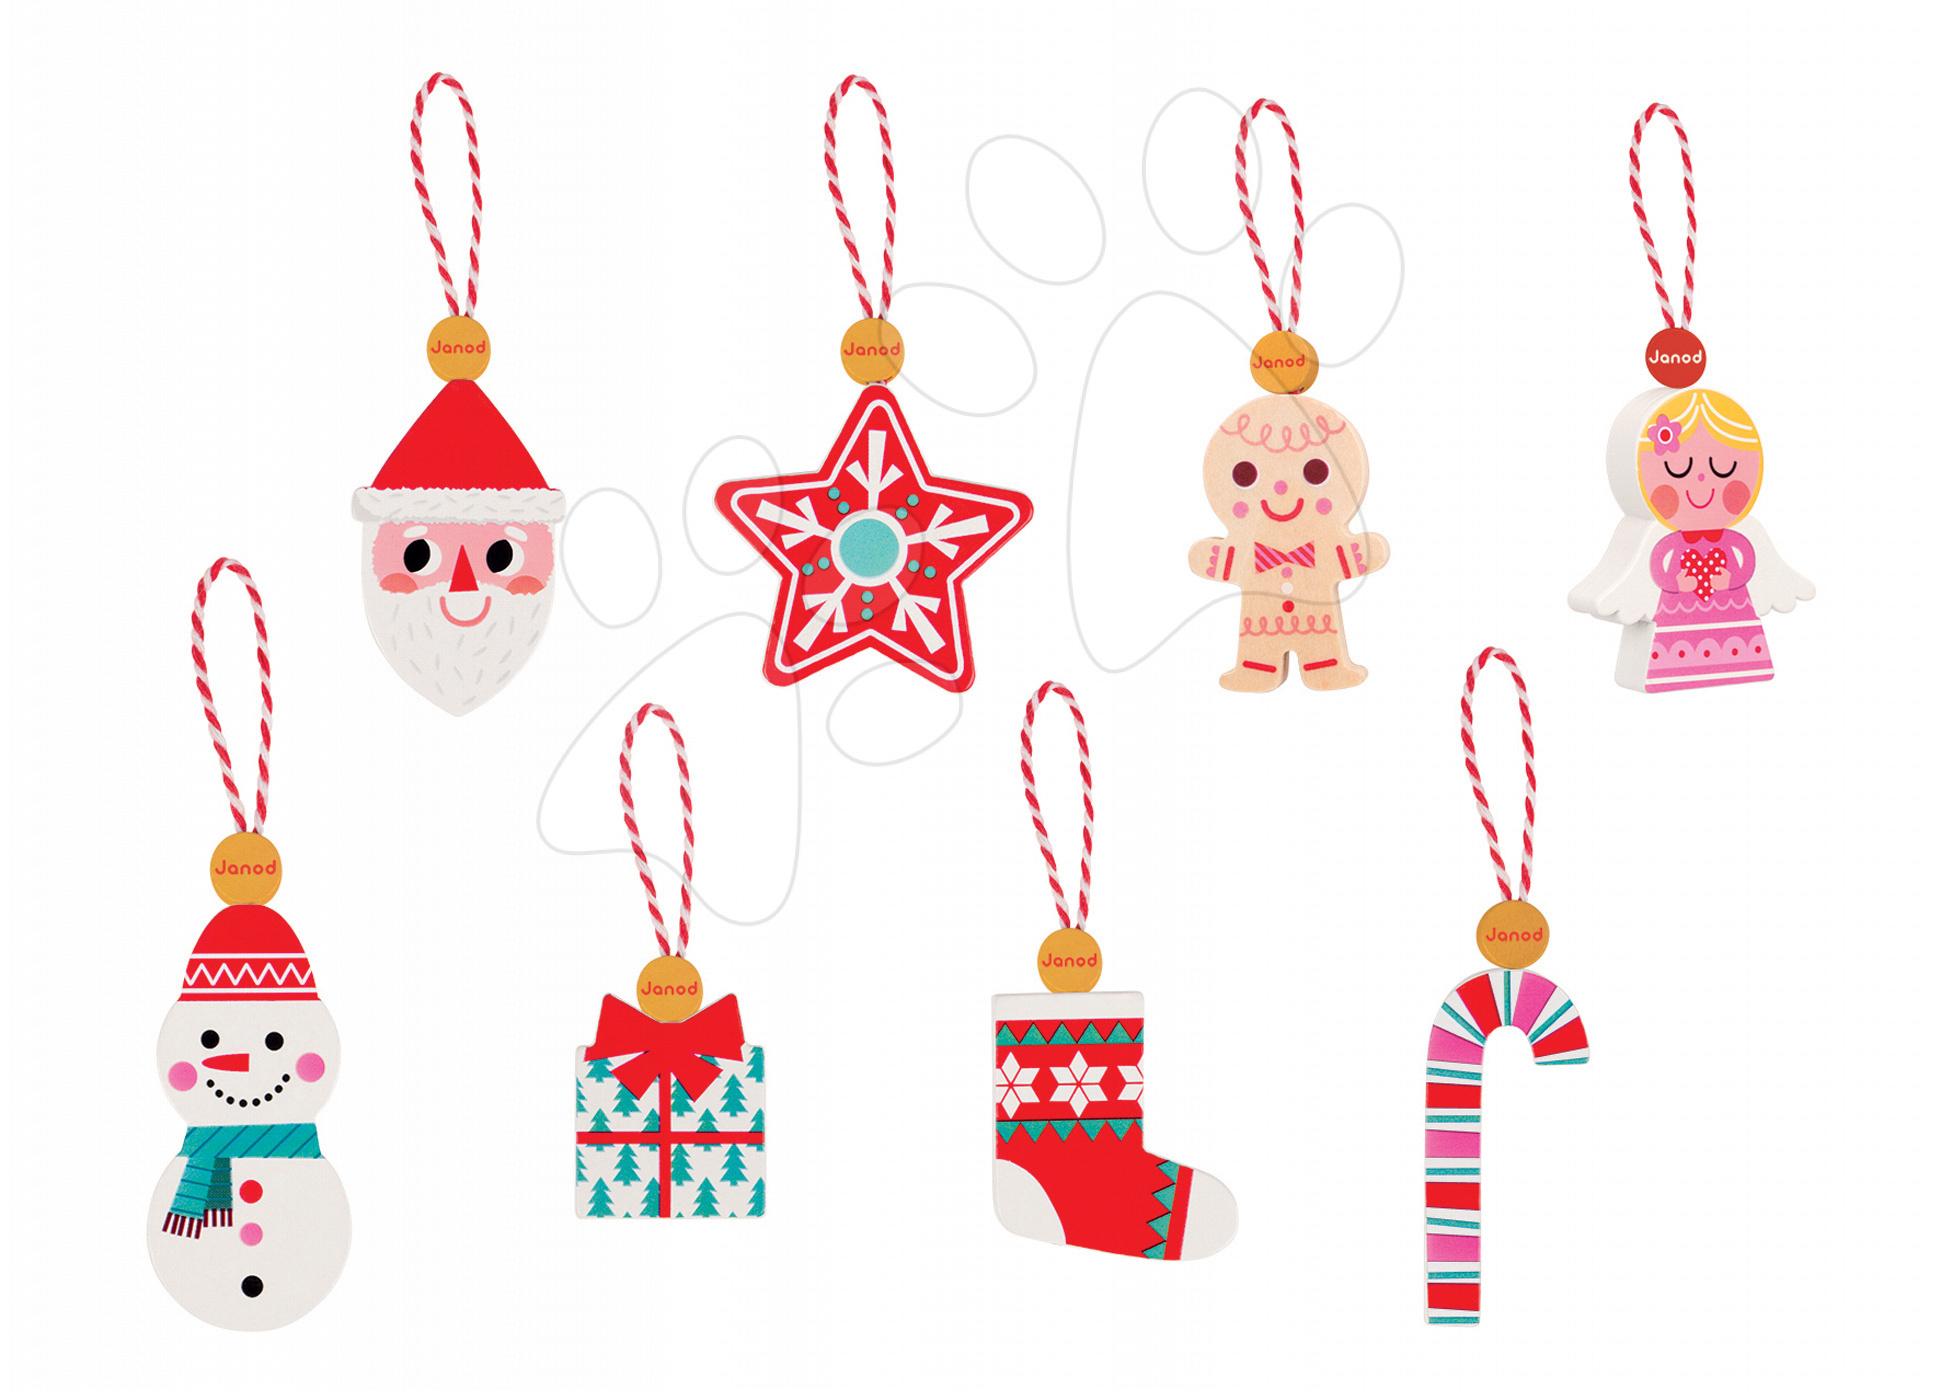 Dřevěné ozdoby na vánoční stromeček Janod se šňůrkou na zavěšení v dárkovém balení 8 ks